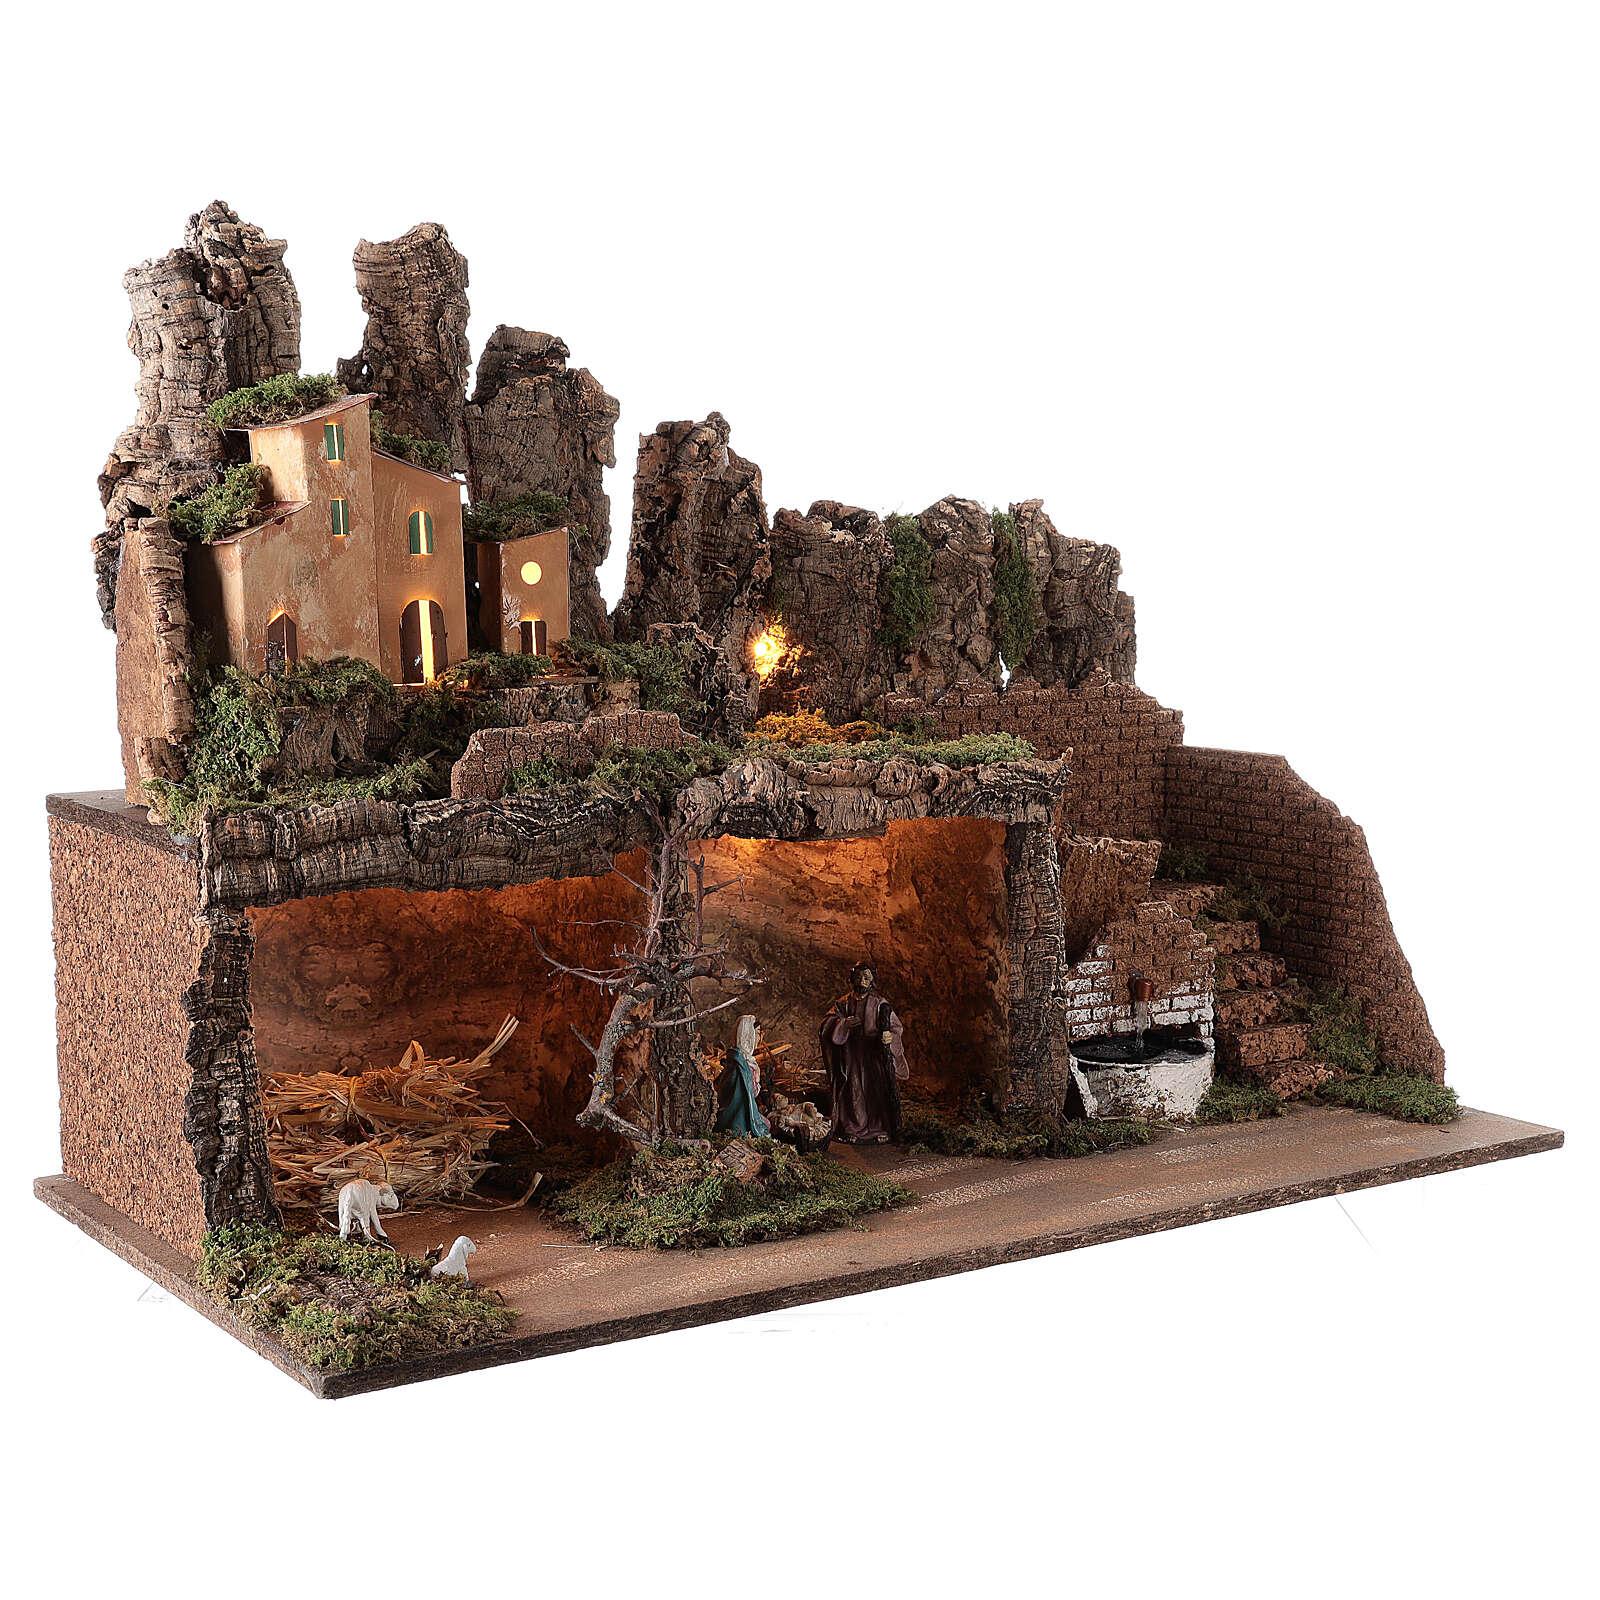 Pueblo fuente y luces con Natividad 50x75x40 cm belén 10 cm 4